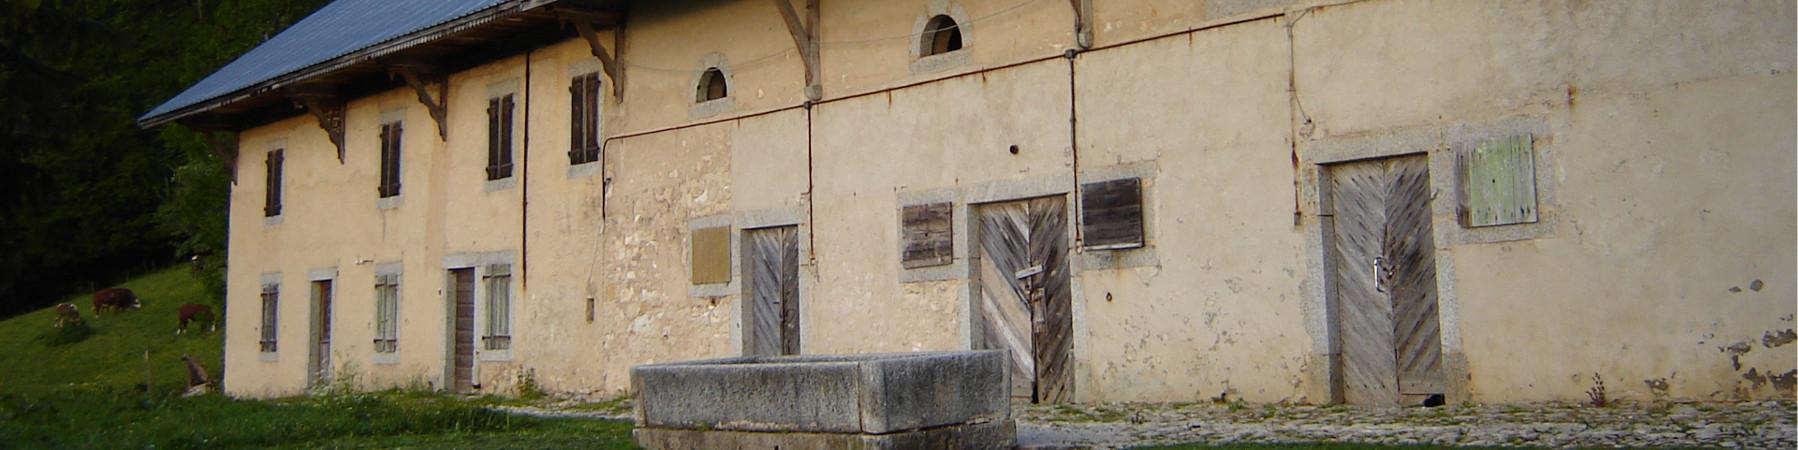 bâtiment de La Thuile